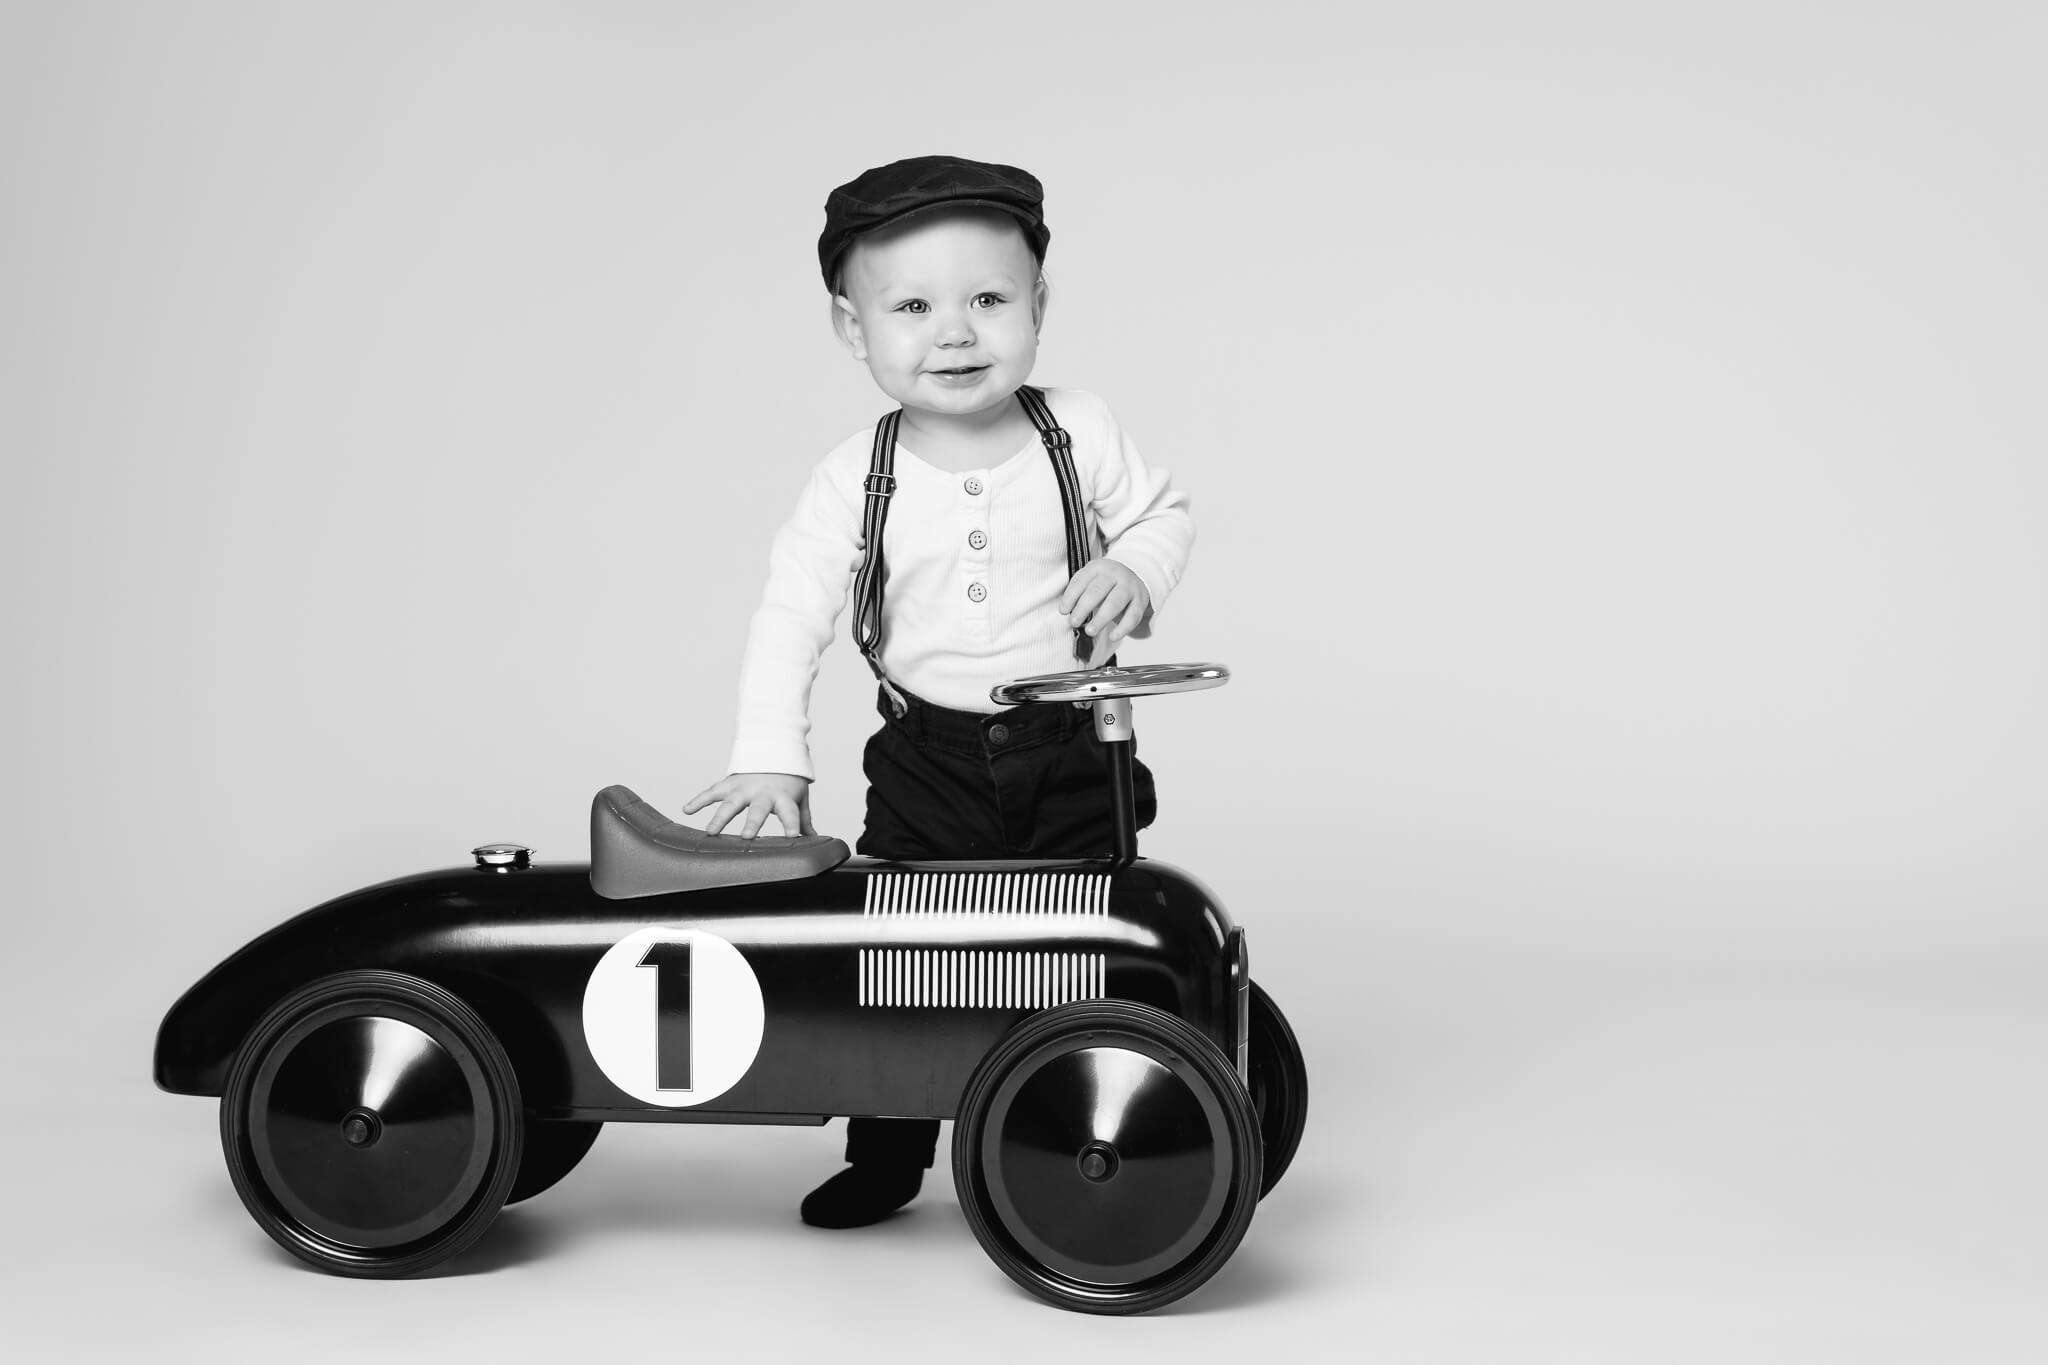 1v-lapsikuvaus-studiolla-jyväskylä-valokuvaaja-kokemuksia (35)